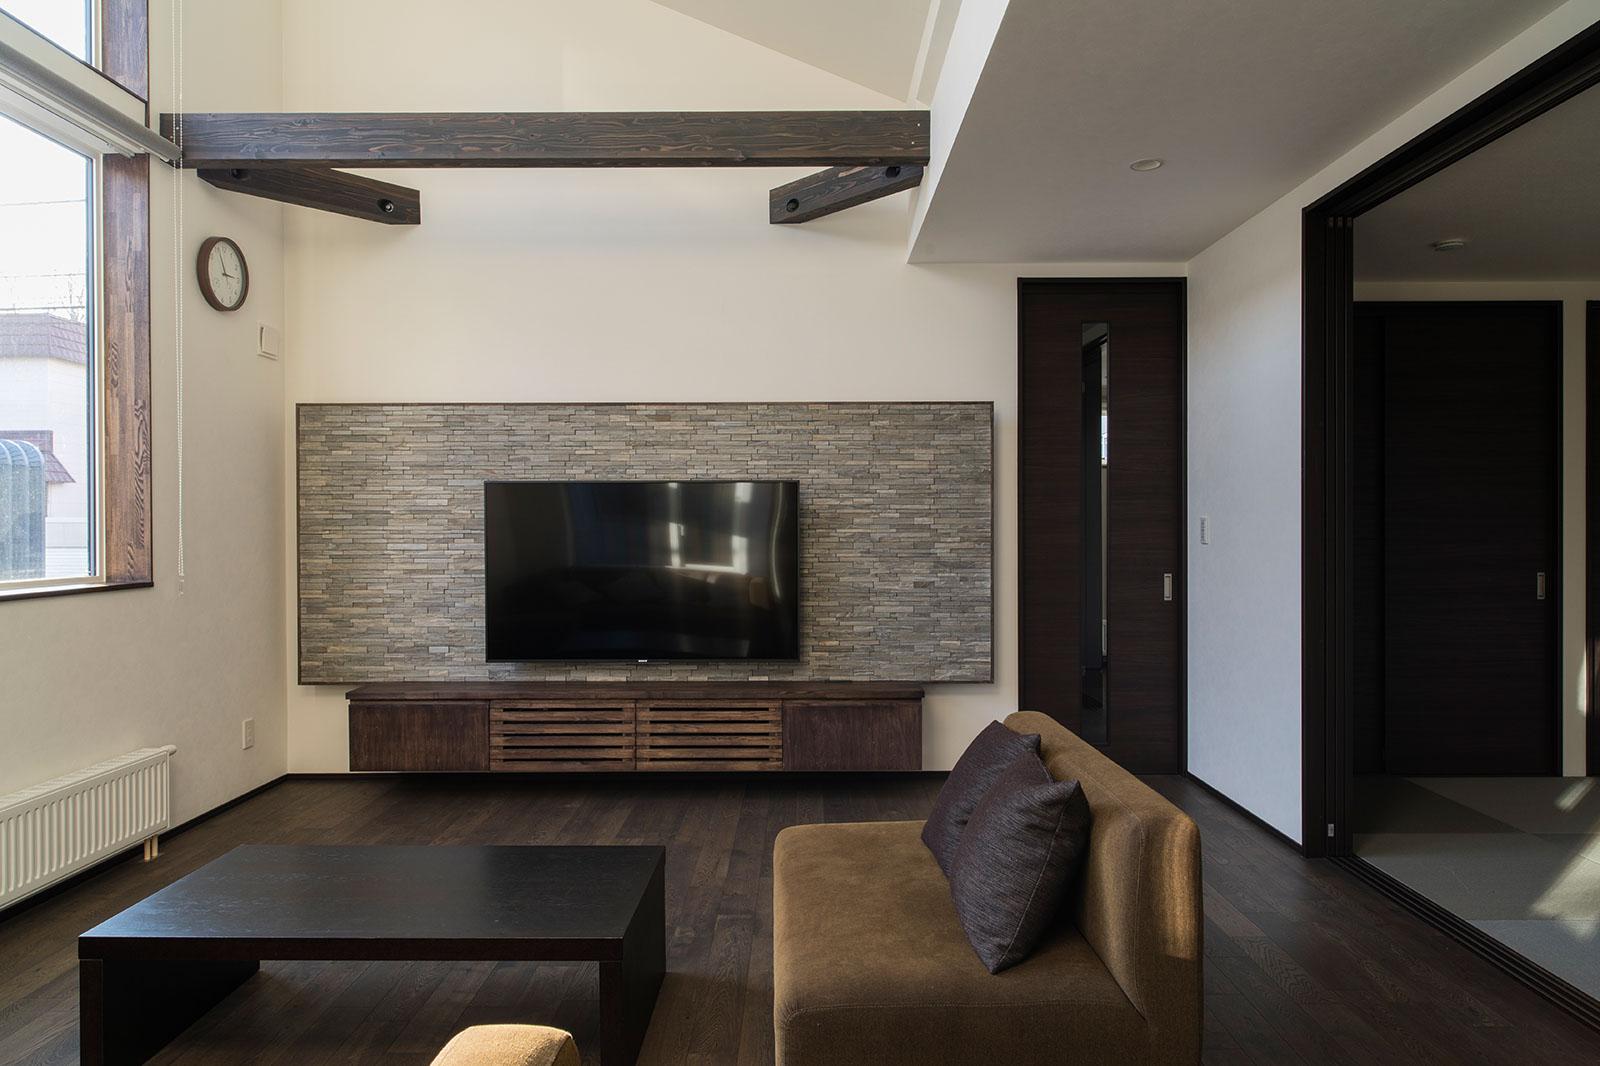 テレビ背後のタイル部分と壁面の間には間接照明が埋め込まれている